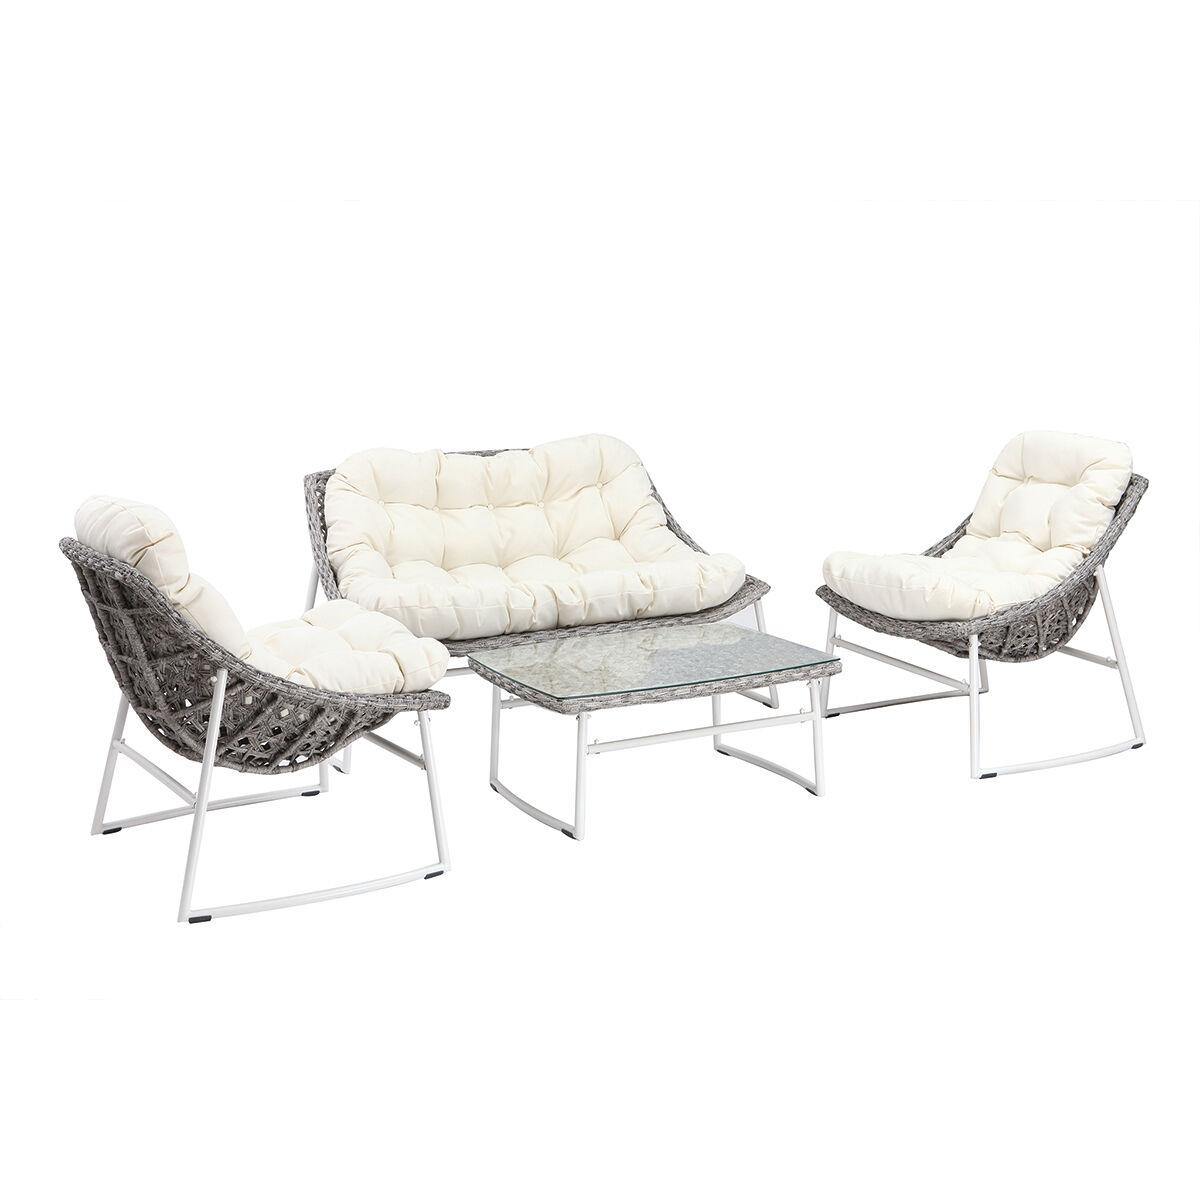 Miliboo Salon de jardin en résine tressée gris et blanc avec table basse COMFY